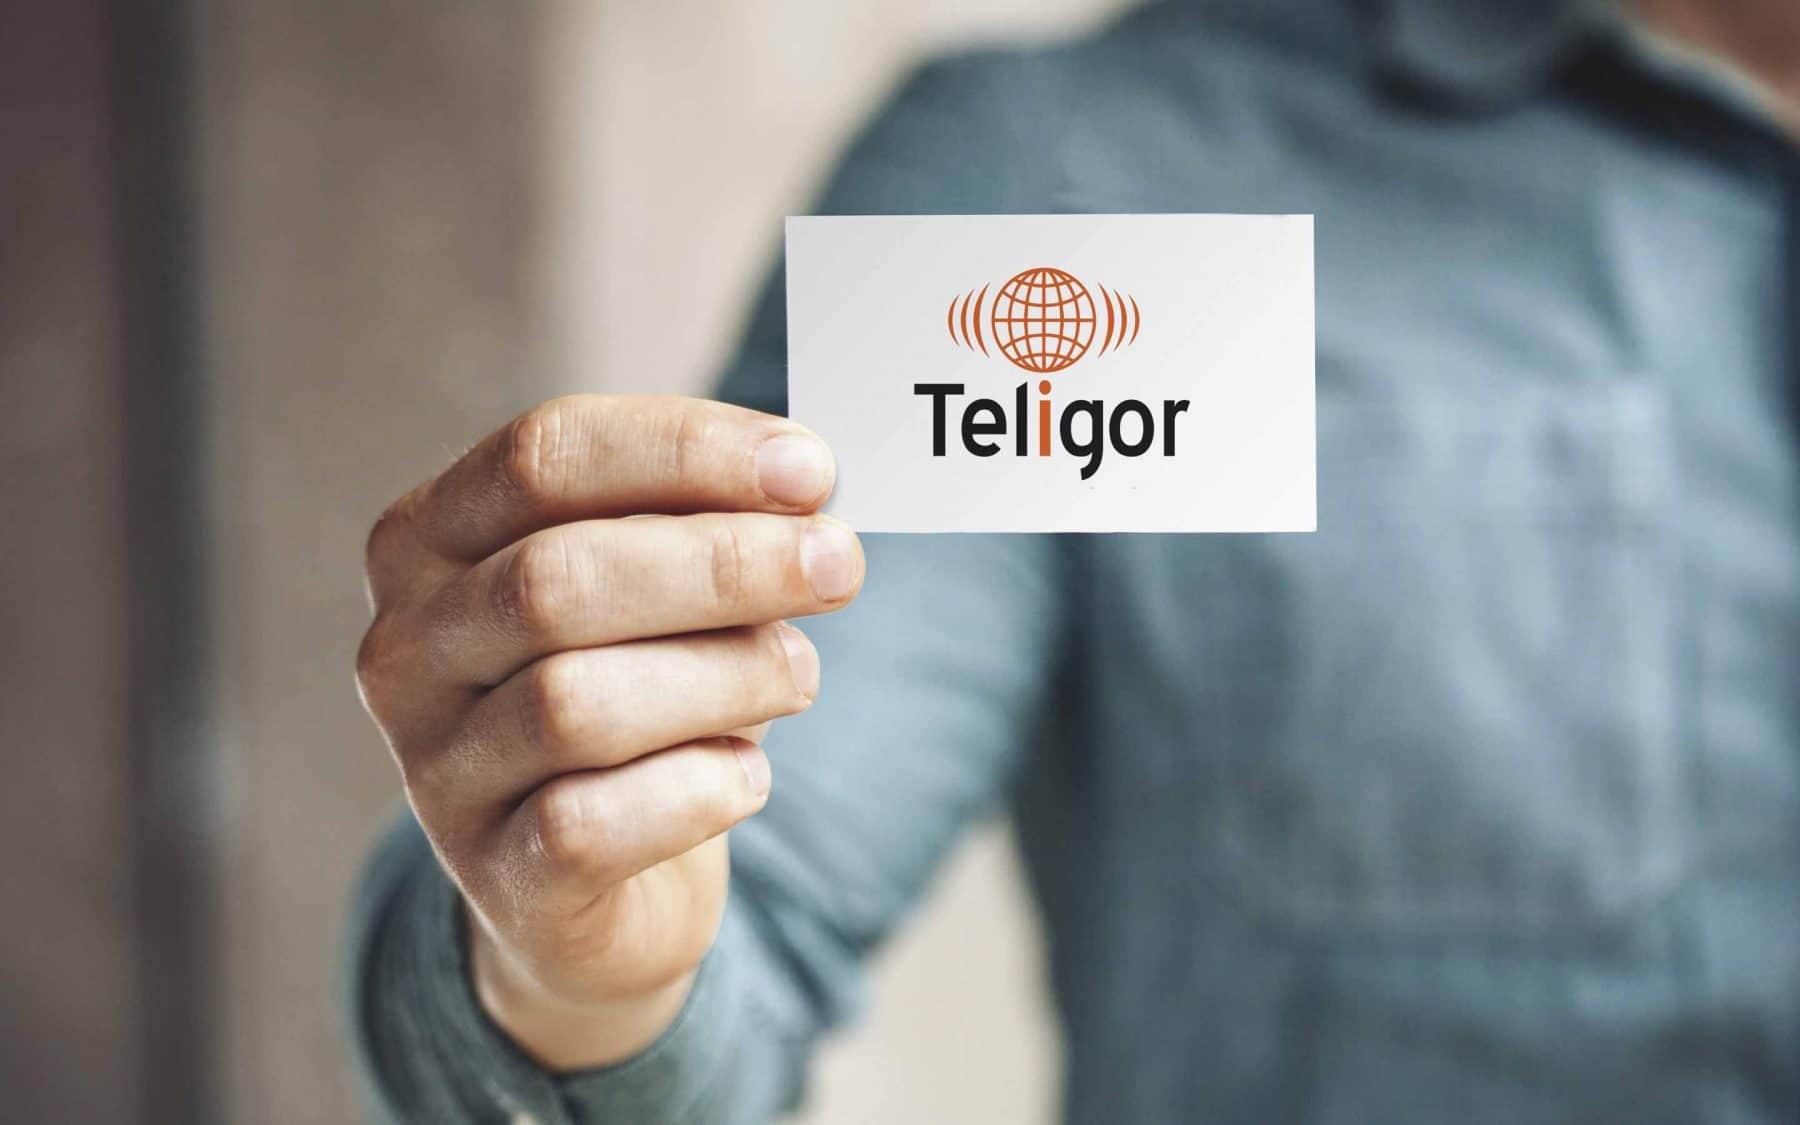 Teligor 1